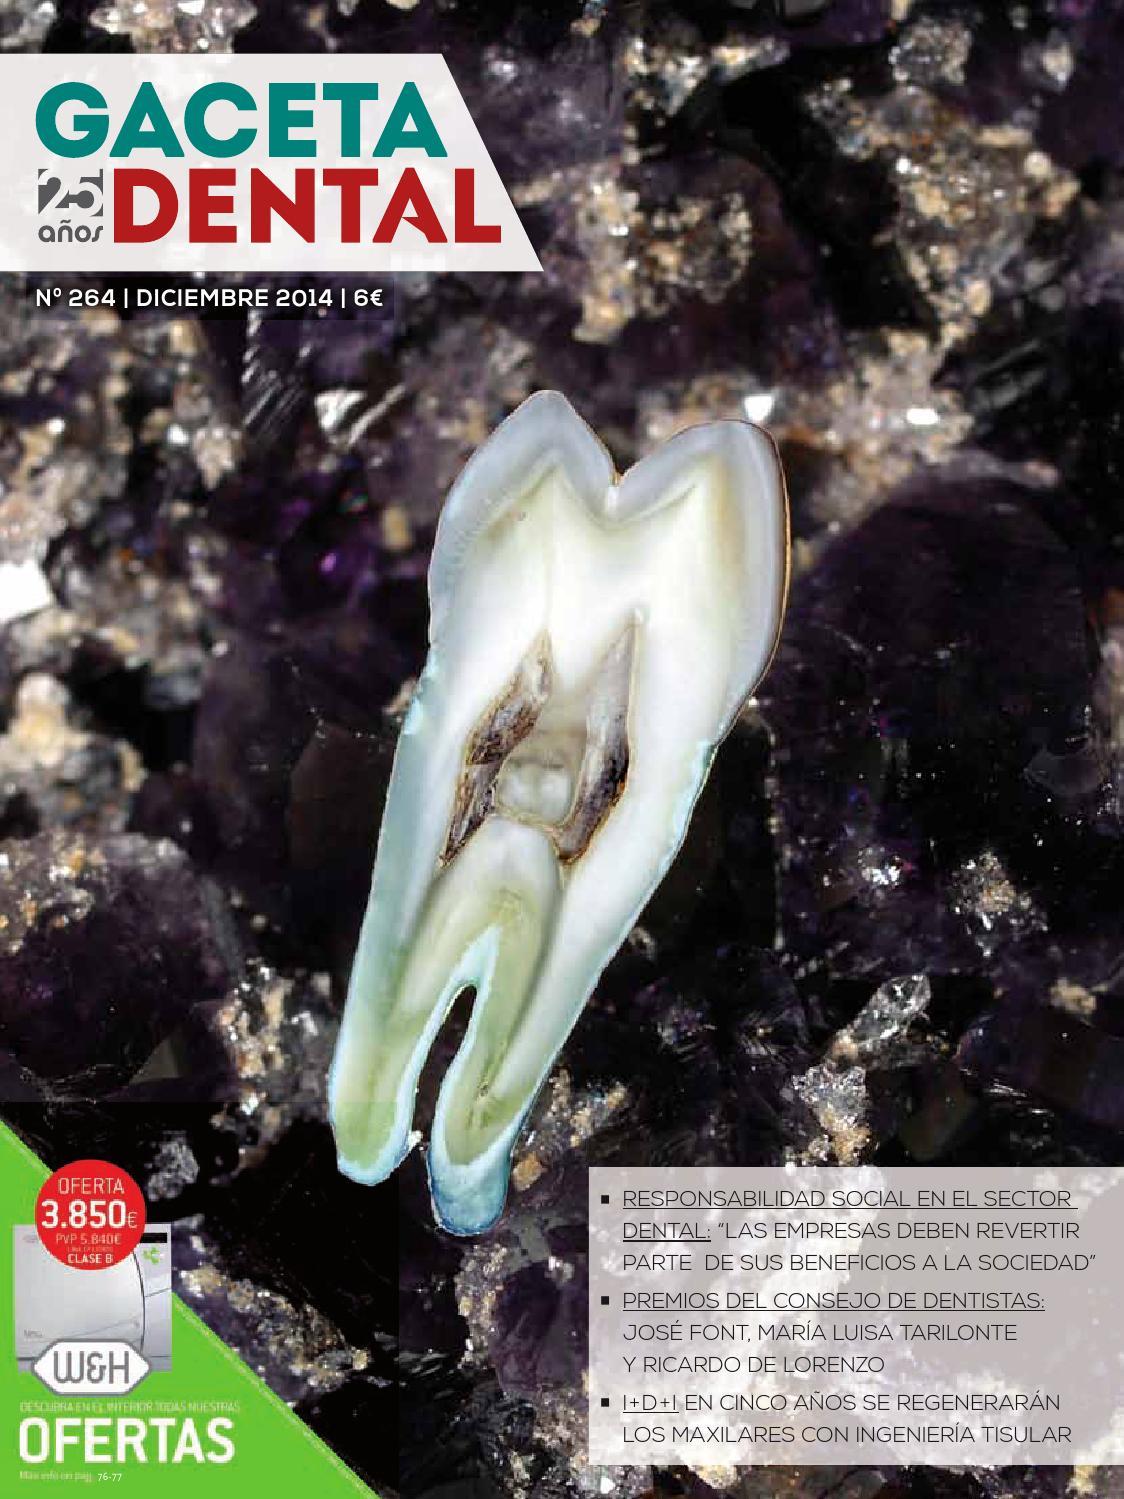 Gaceta Dental - 264 by Peldaño - issuu